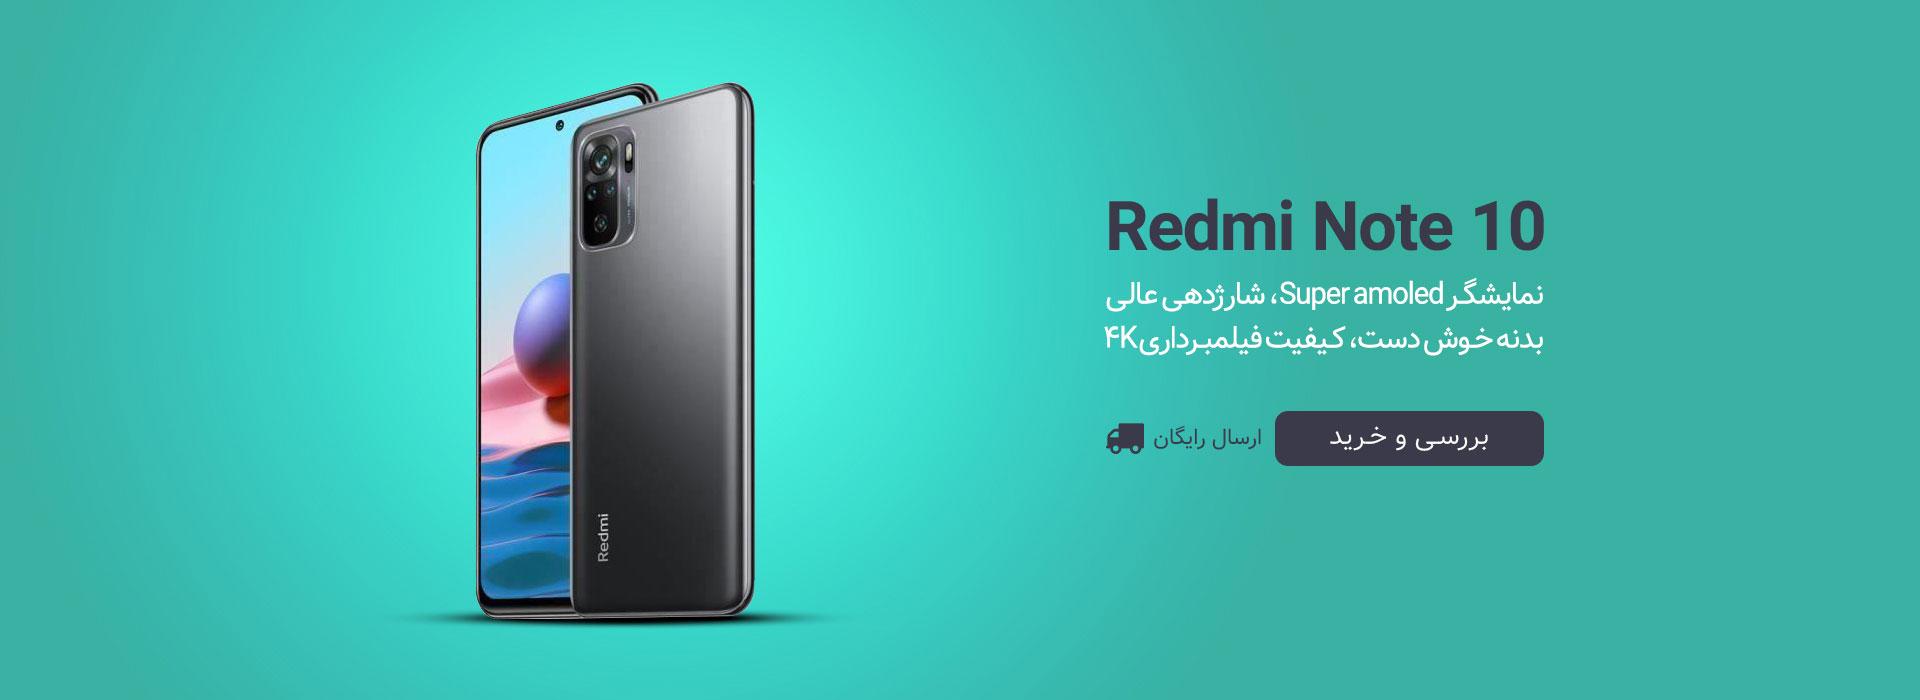 گوشی موبایل 64 گیگابایت Xiaomi مدل Redmi Note 10 نسخه گلوبال